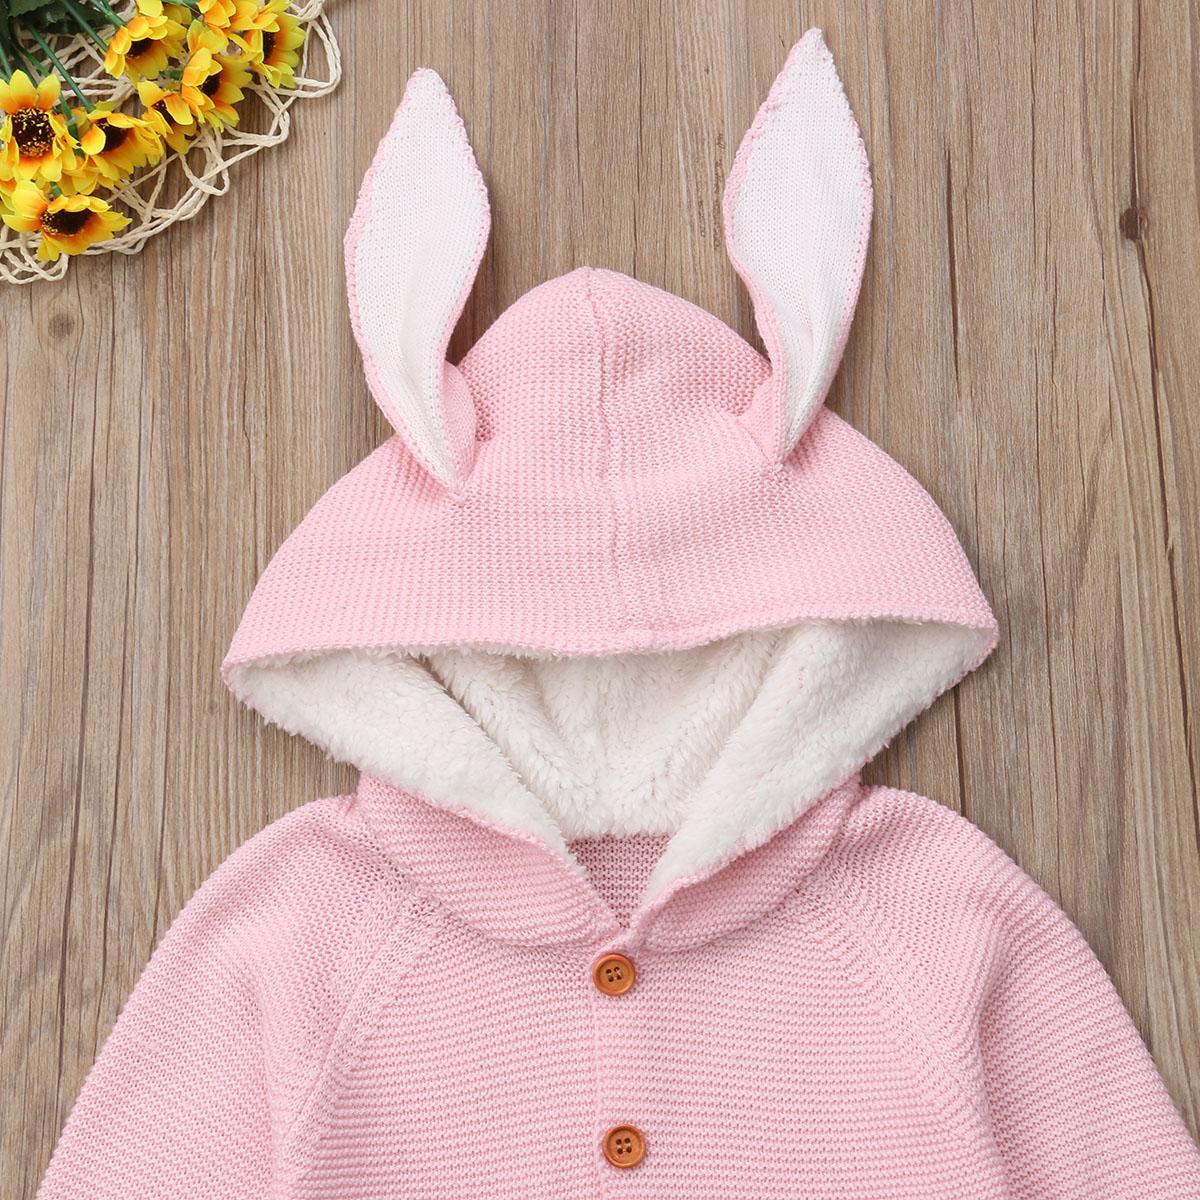 Recém-nascido Criança Baby Girl Clothes Boy camisola de malha Cardigans casaco quente Cotton Outono Casacos Roupas de bebê meninas 0-24M